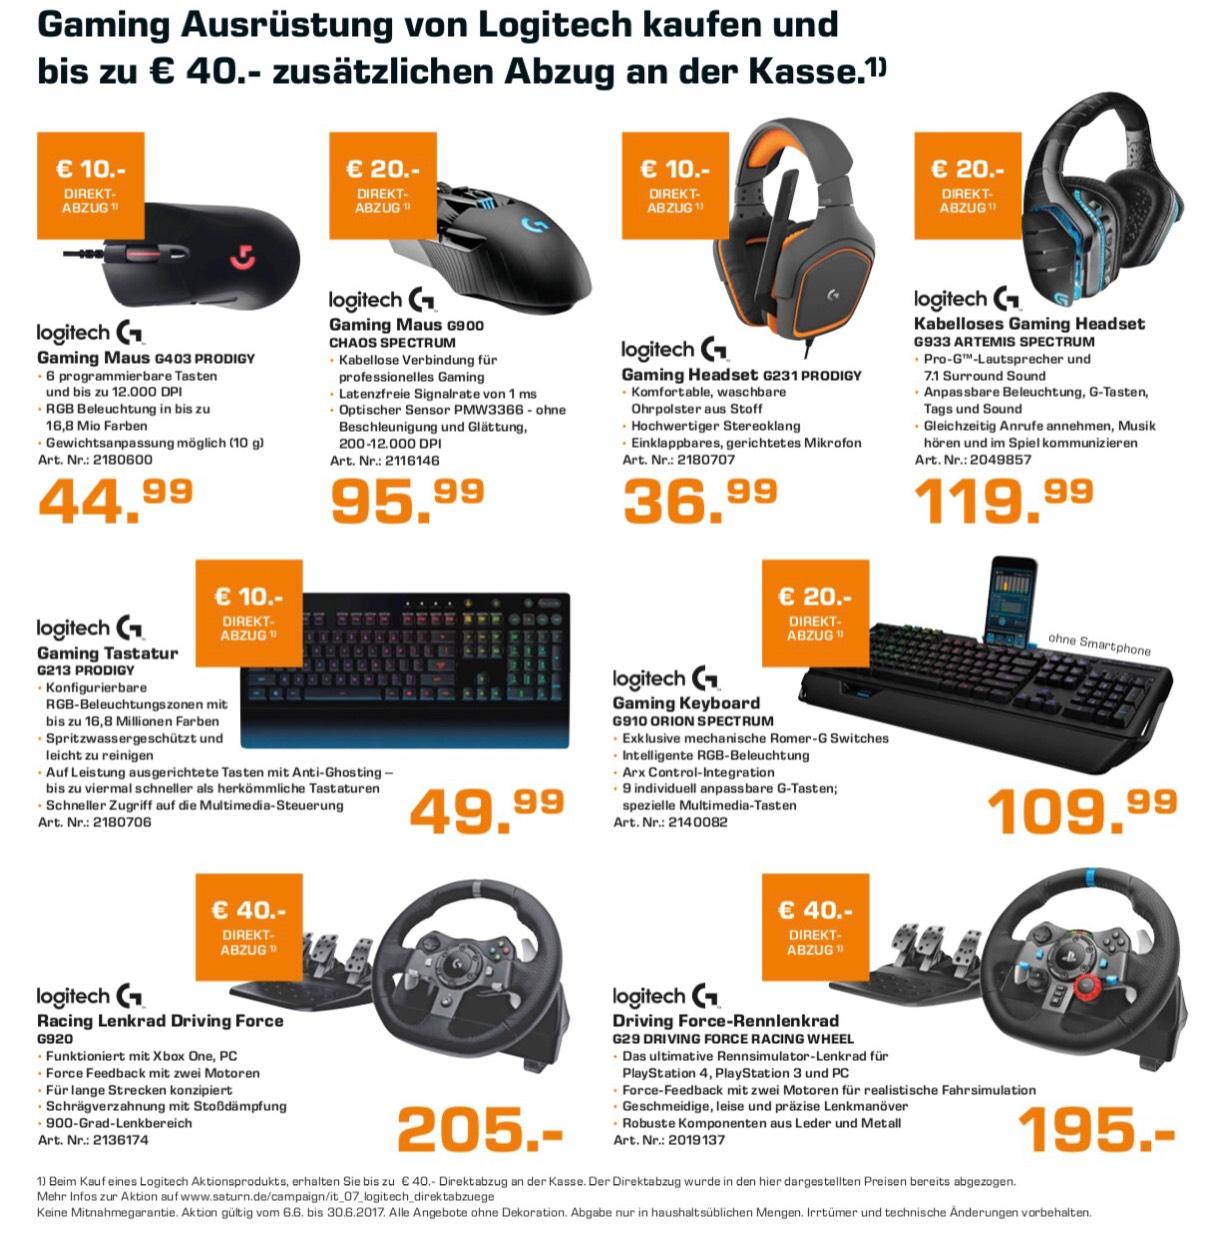 Logitech Gaming Zubehör bei Saturn mit Direktrabatt, z.B. G29, G910, G900, G933, G231